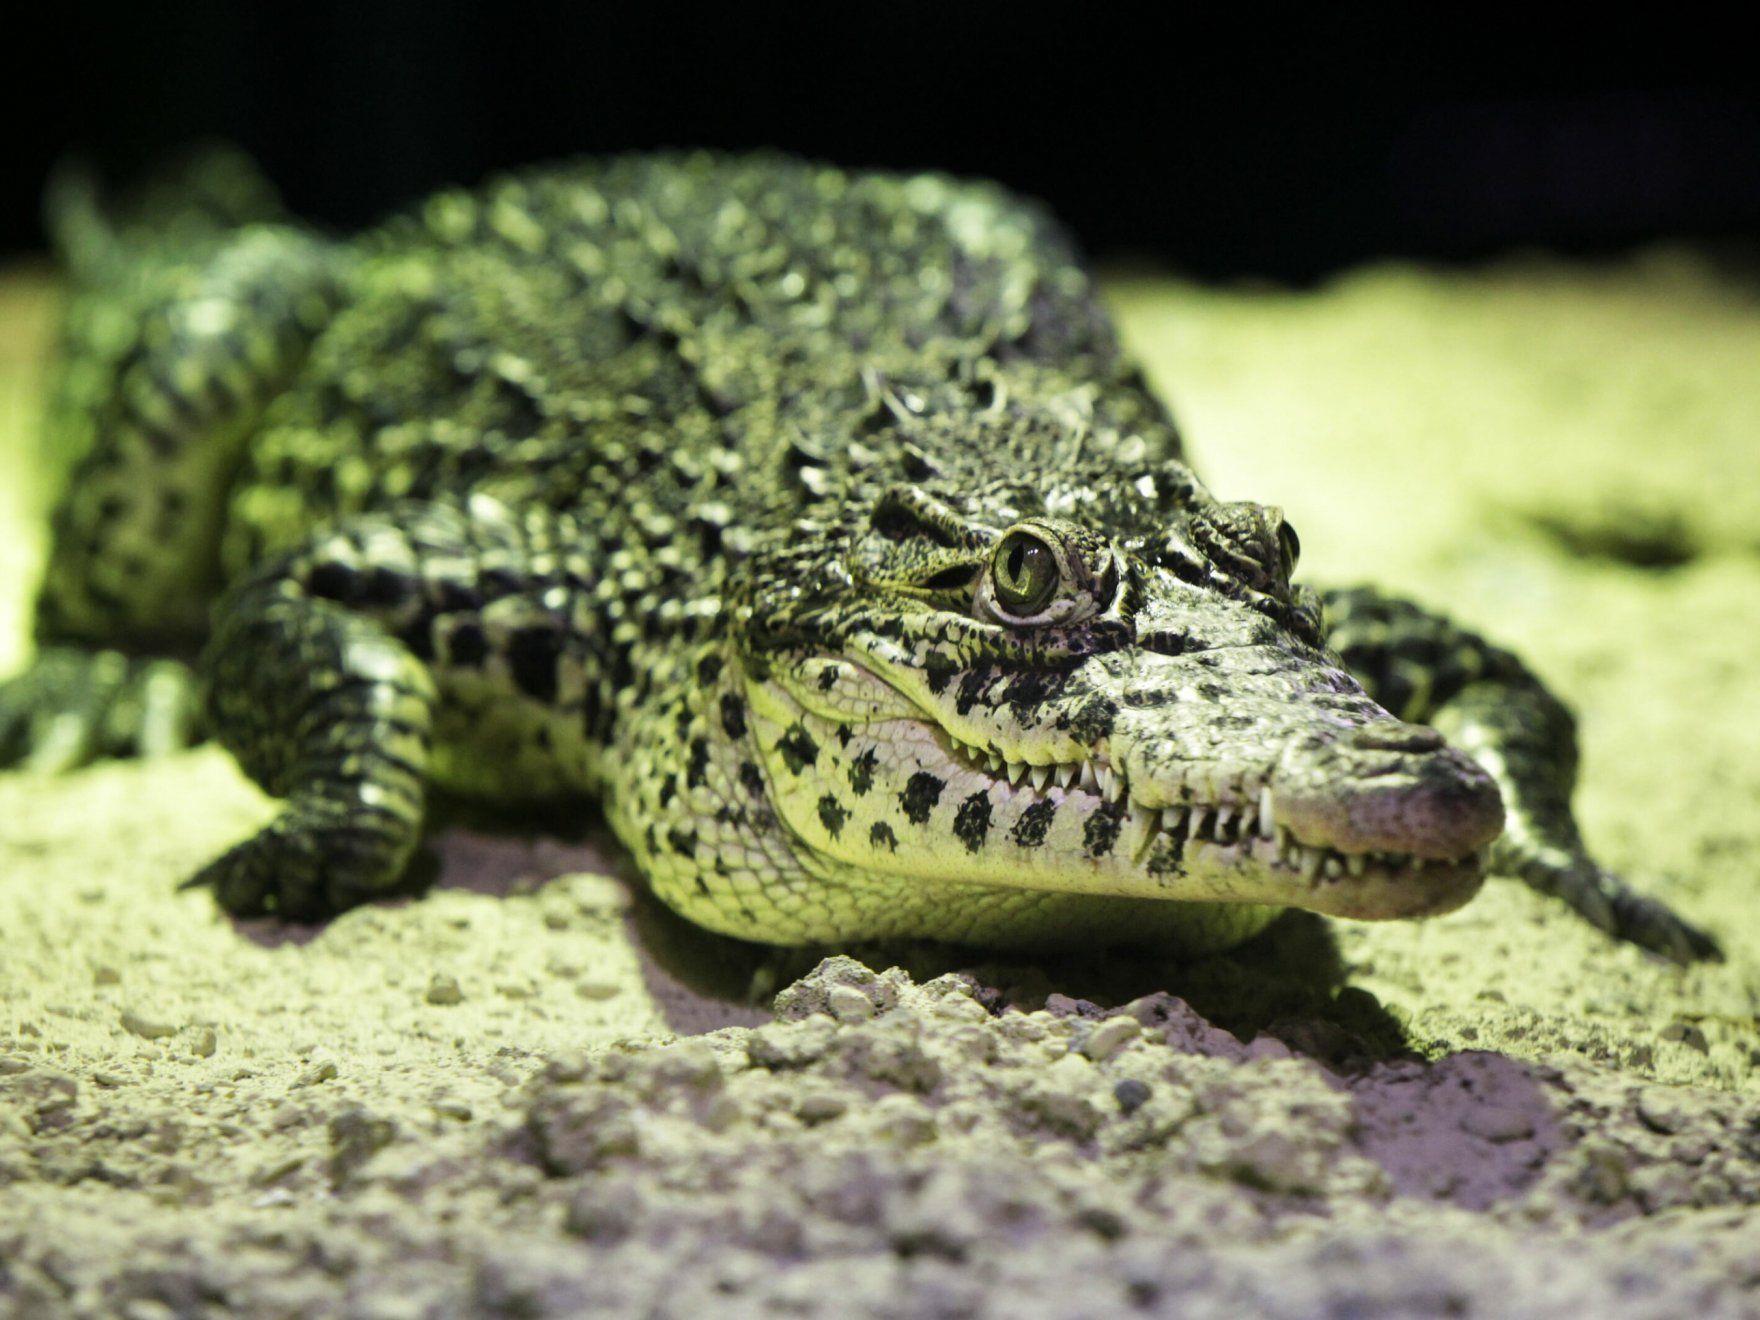 Ein Australischer Angler harrte drei Tage mit zwei Krokodilen aus.